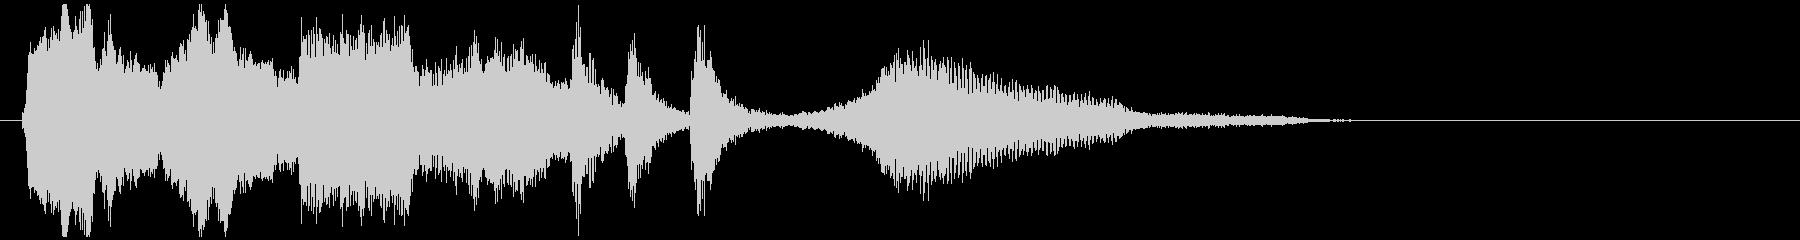 ムーディーでおしゃれなジングルの未再生の波形